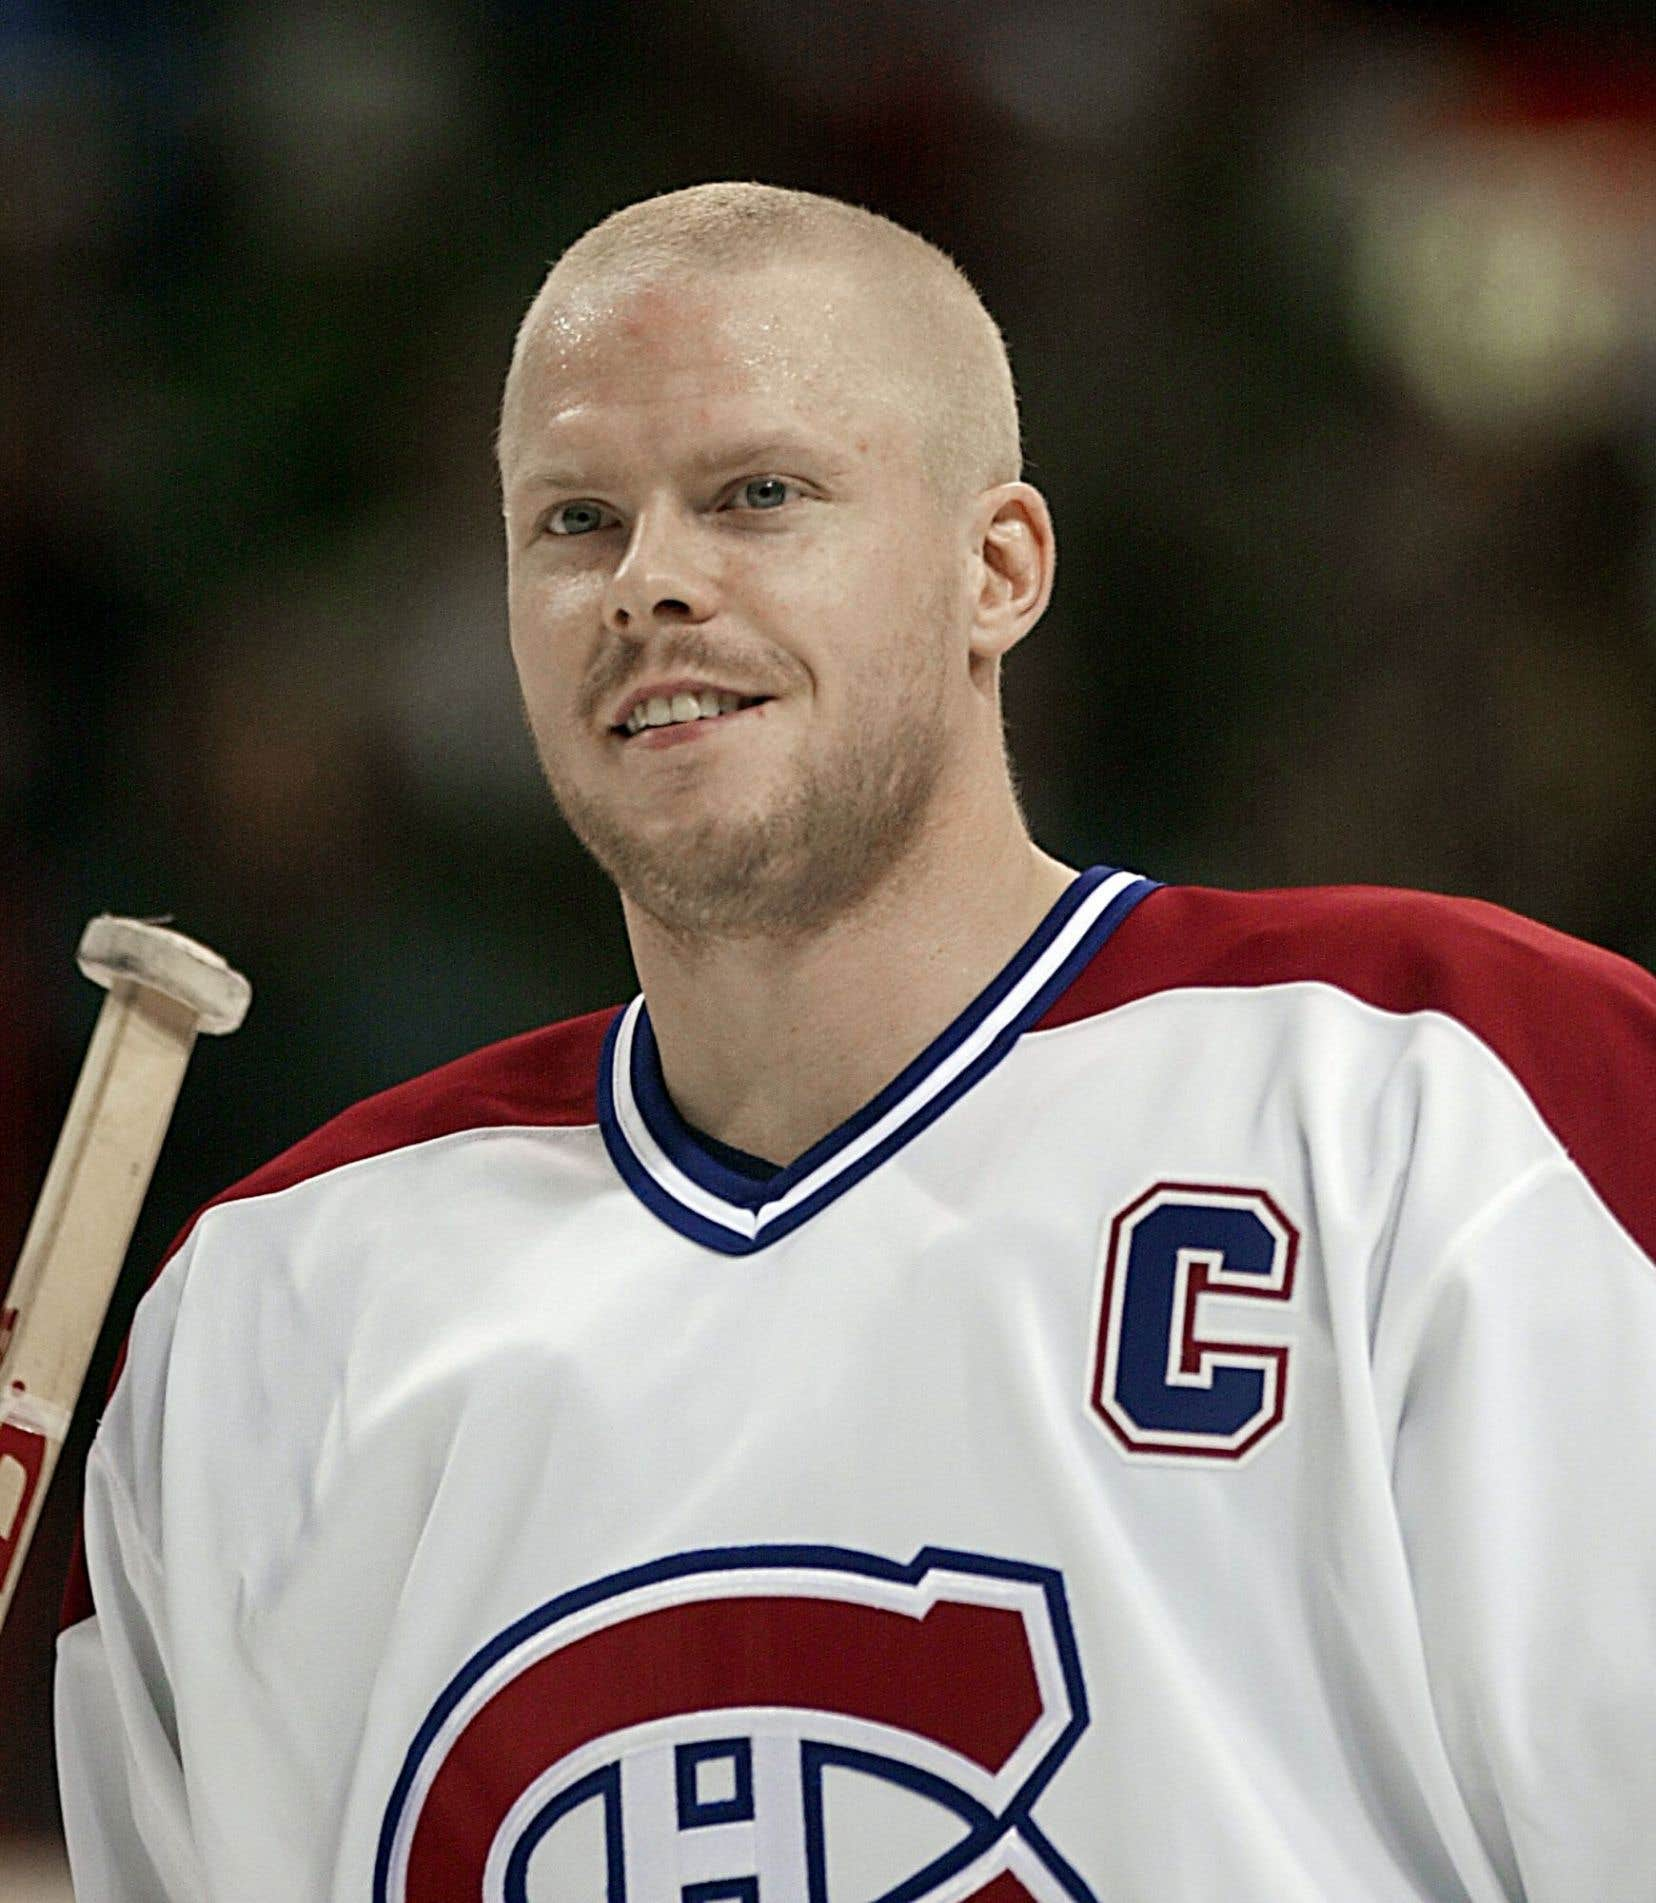 «Capitaine Courage» accroche ses patins au terme d'une belle carrière.